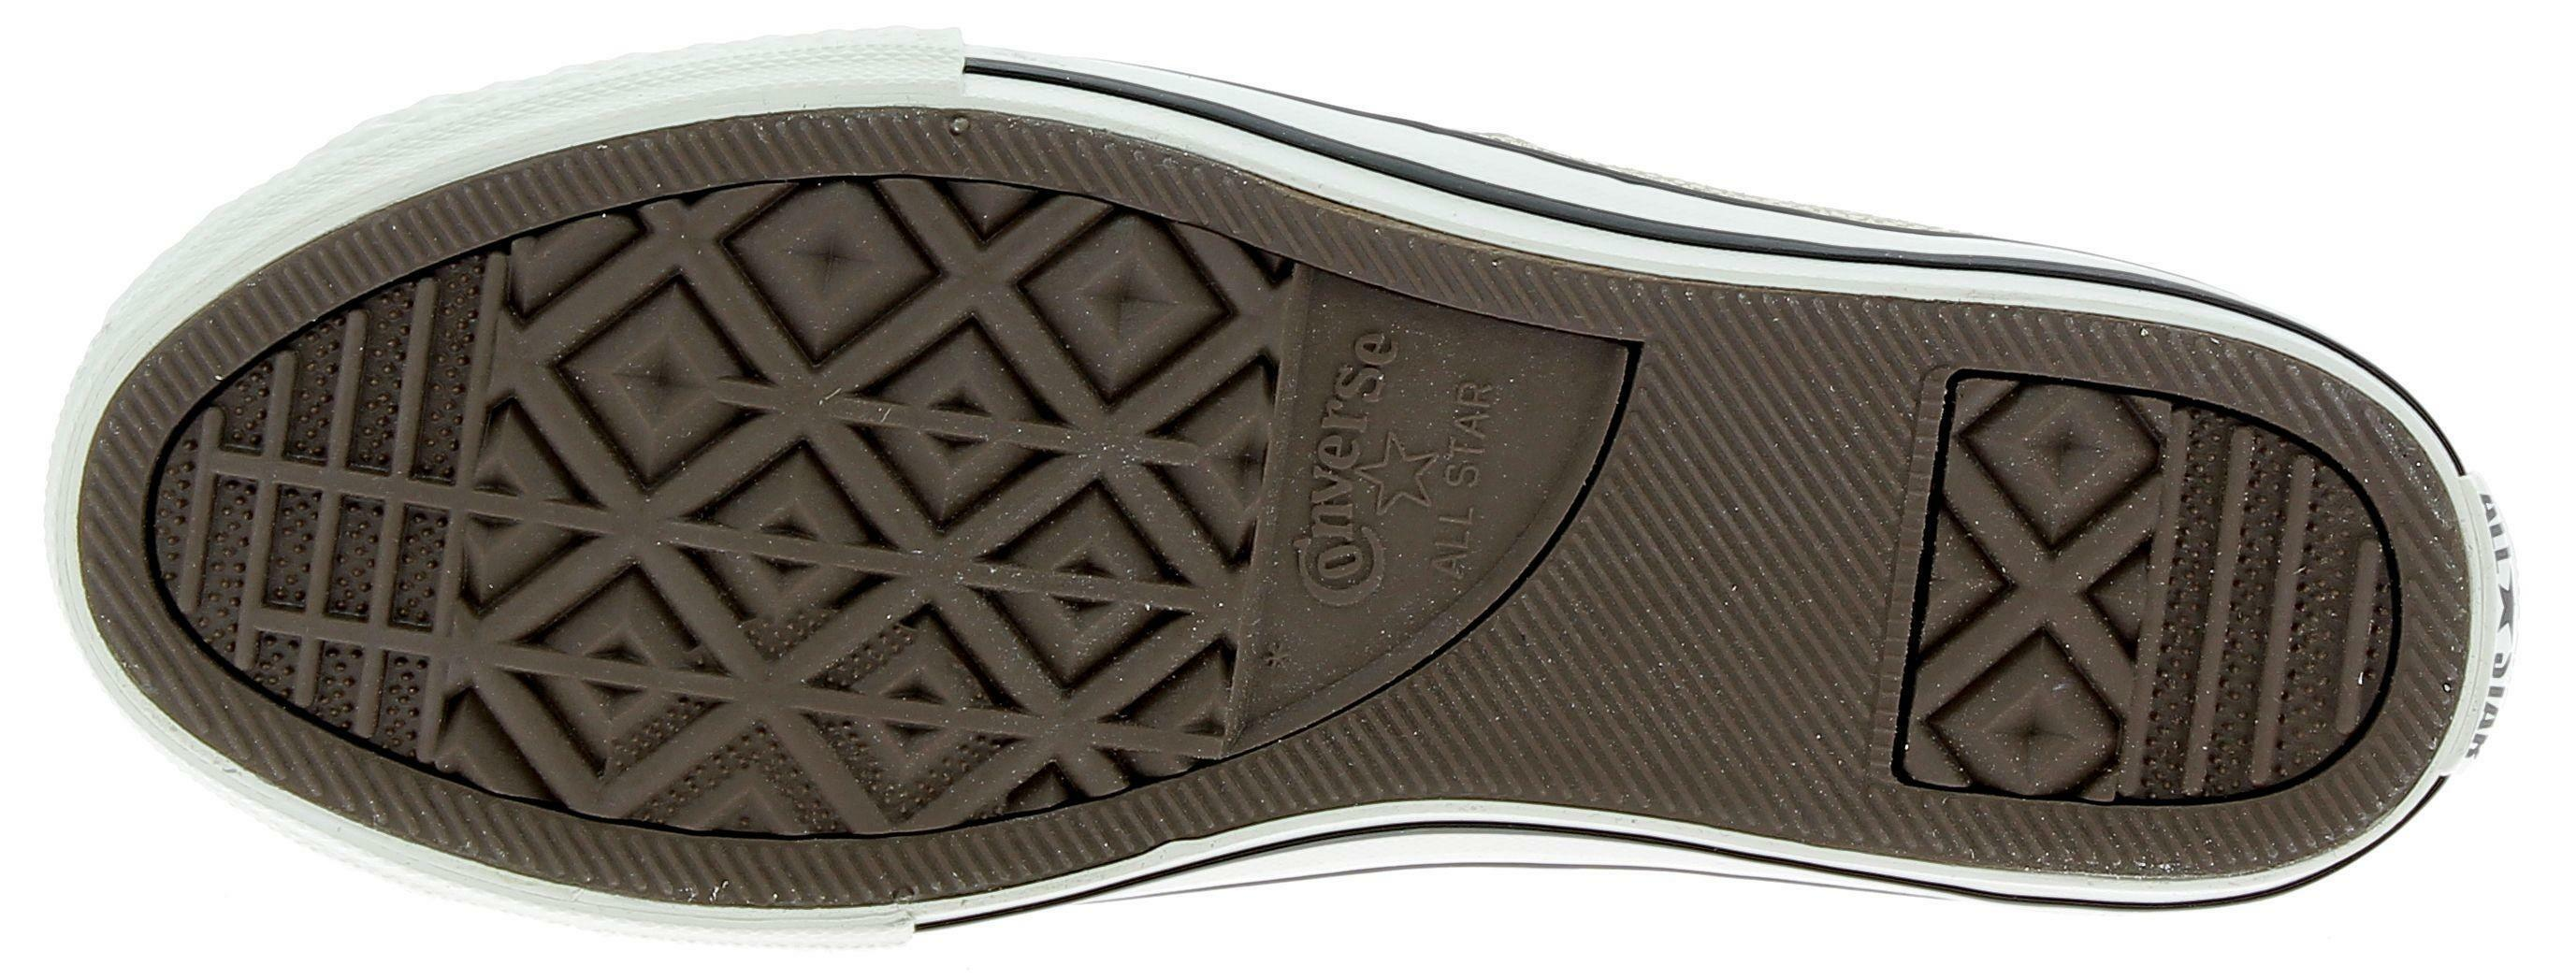 converse converse ctas side zip s scarpe sportive pelle bianche e oro